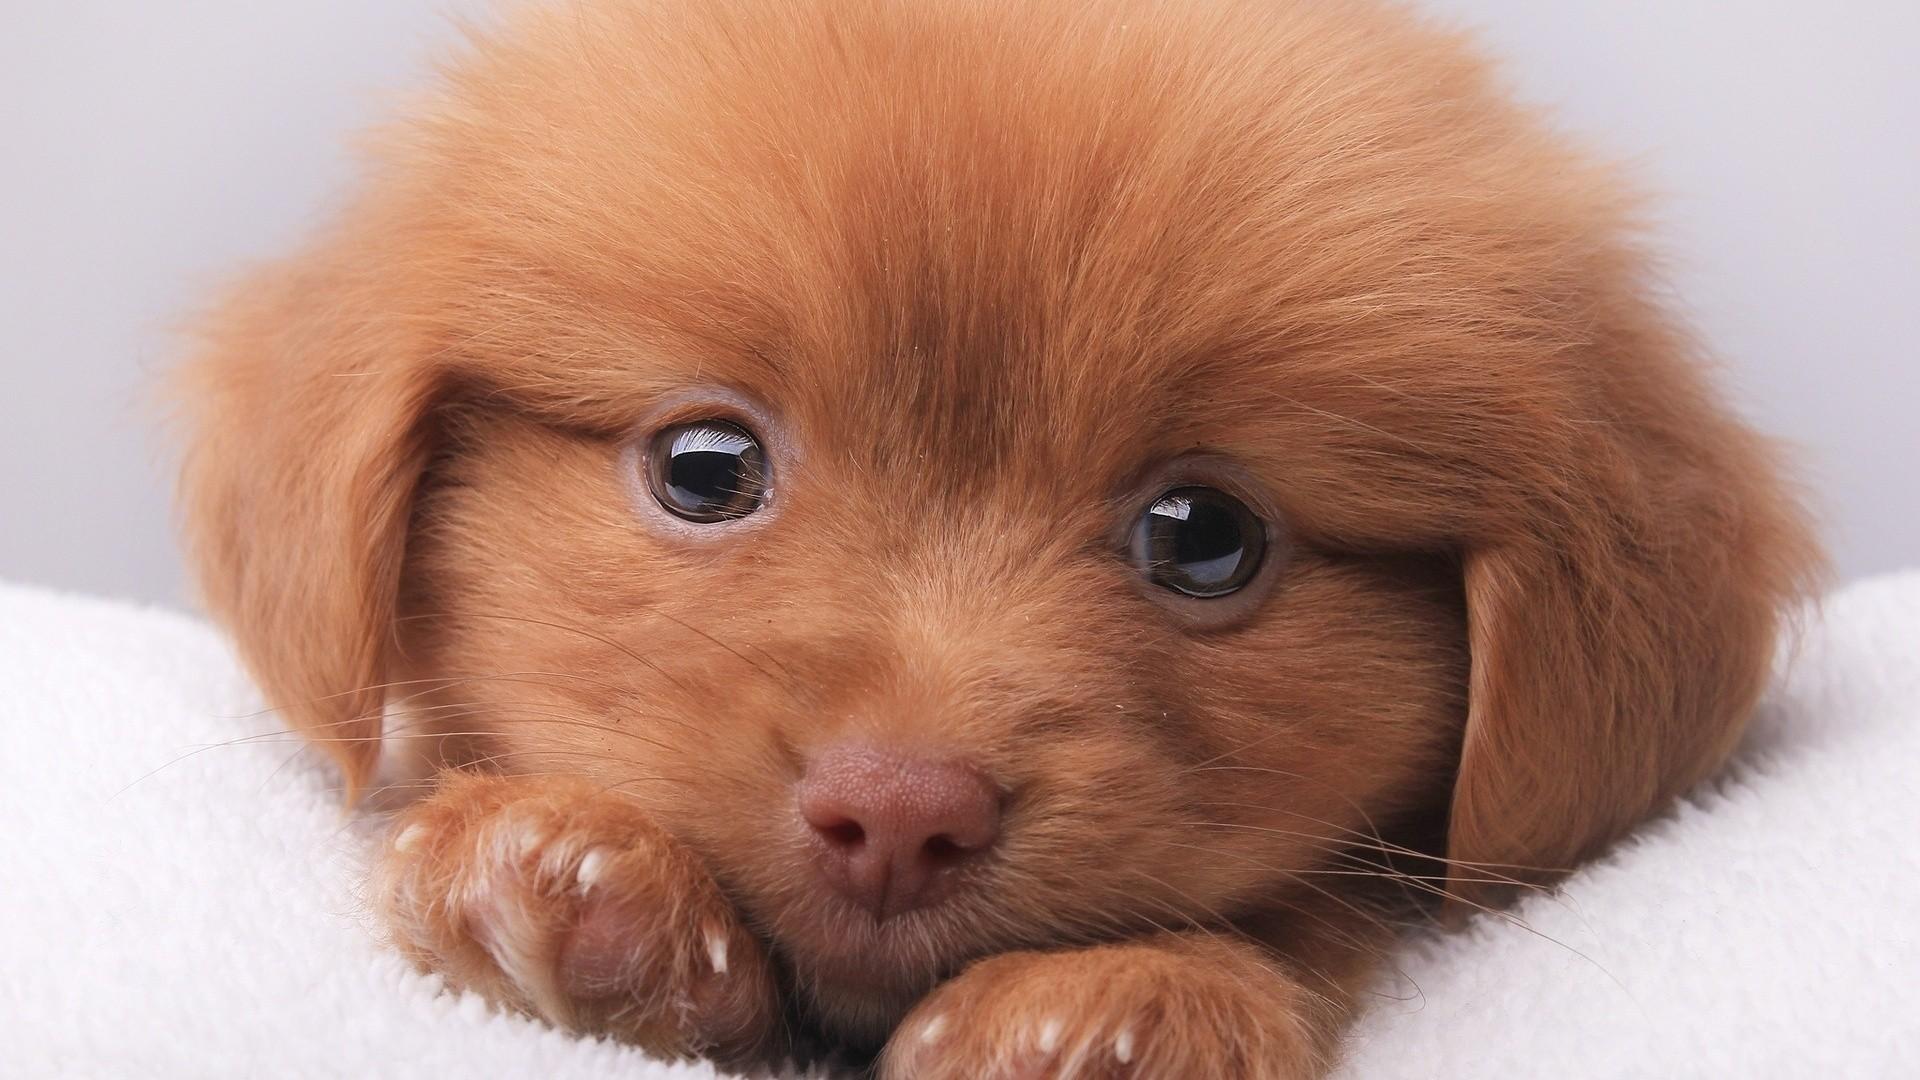 очень самые милые животные в мире фото иллюстрированный мастер-класс